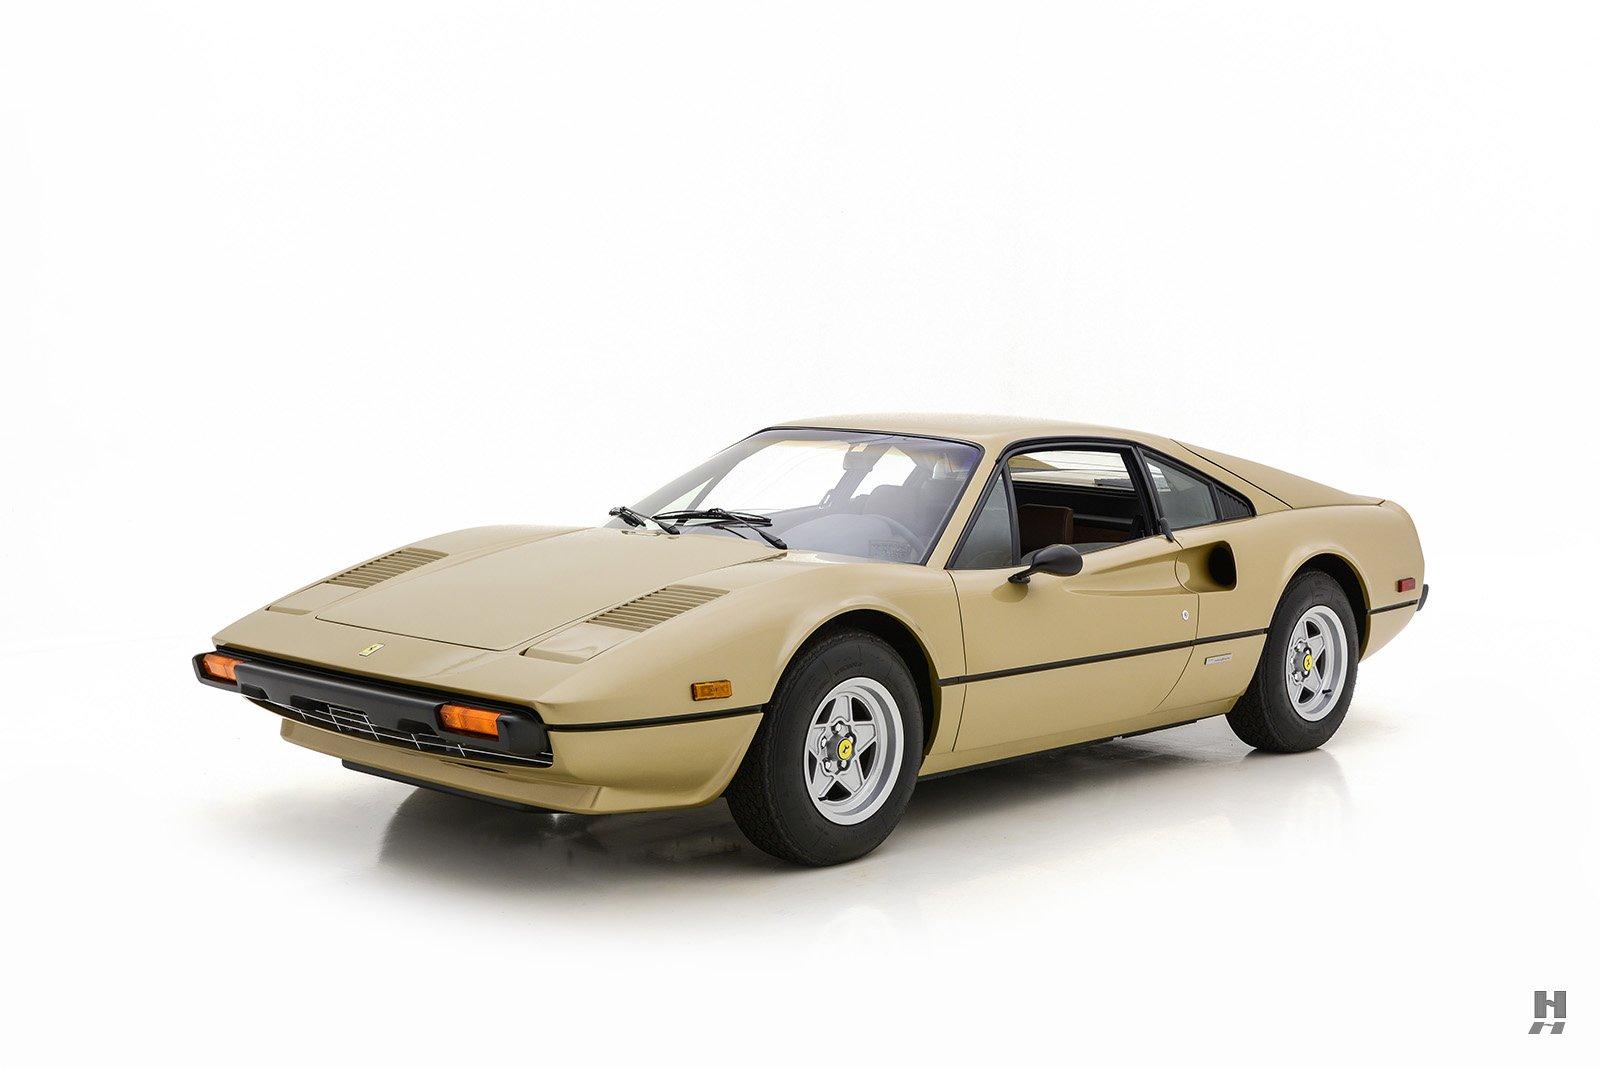 1978 Ferrari 308 Gtb Hyman Ltd